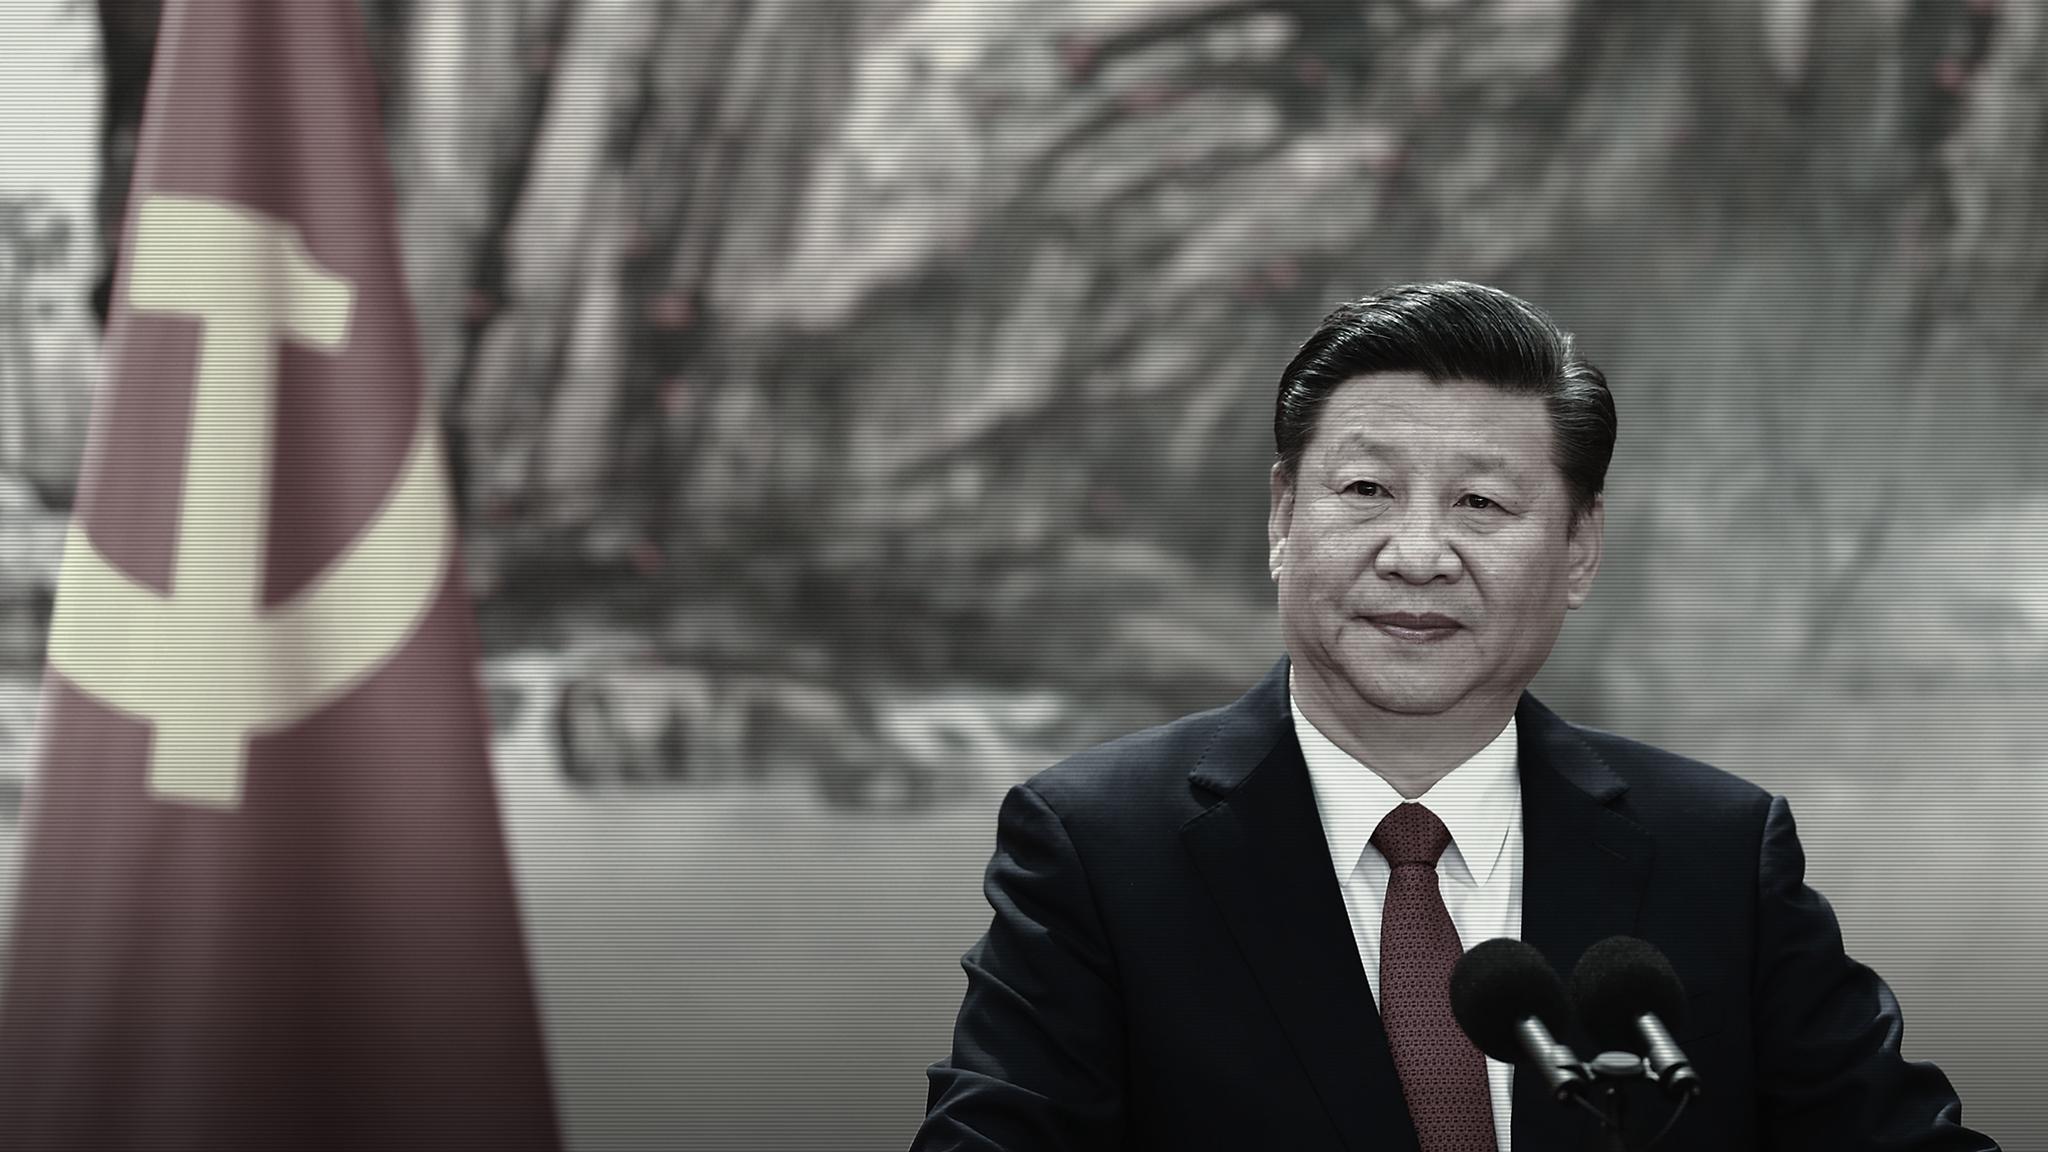 EUA/Eleições | Xi Jinping deu os parabéns pela vitória ao democrata Joe Biden